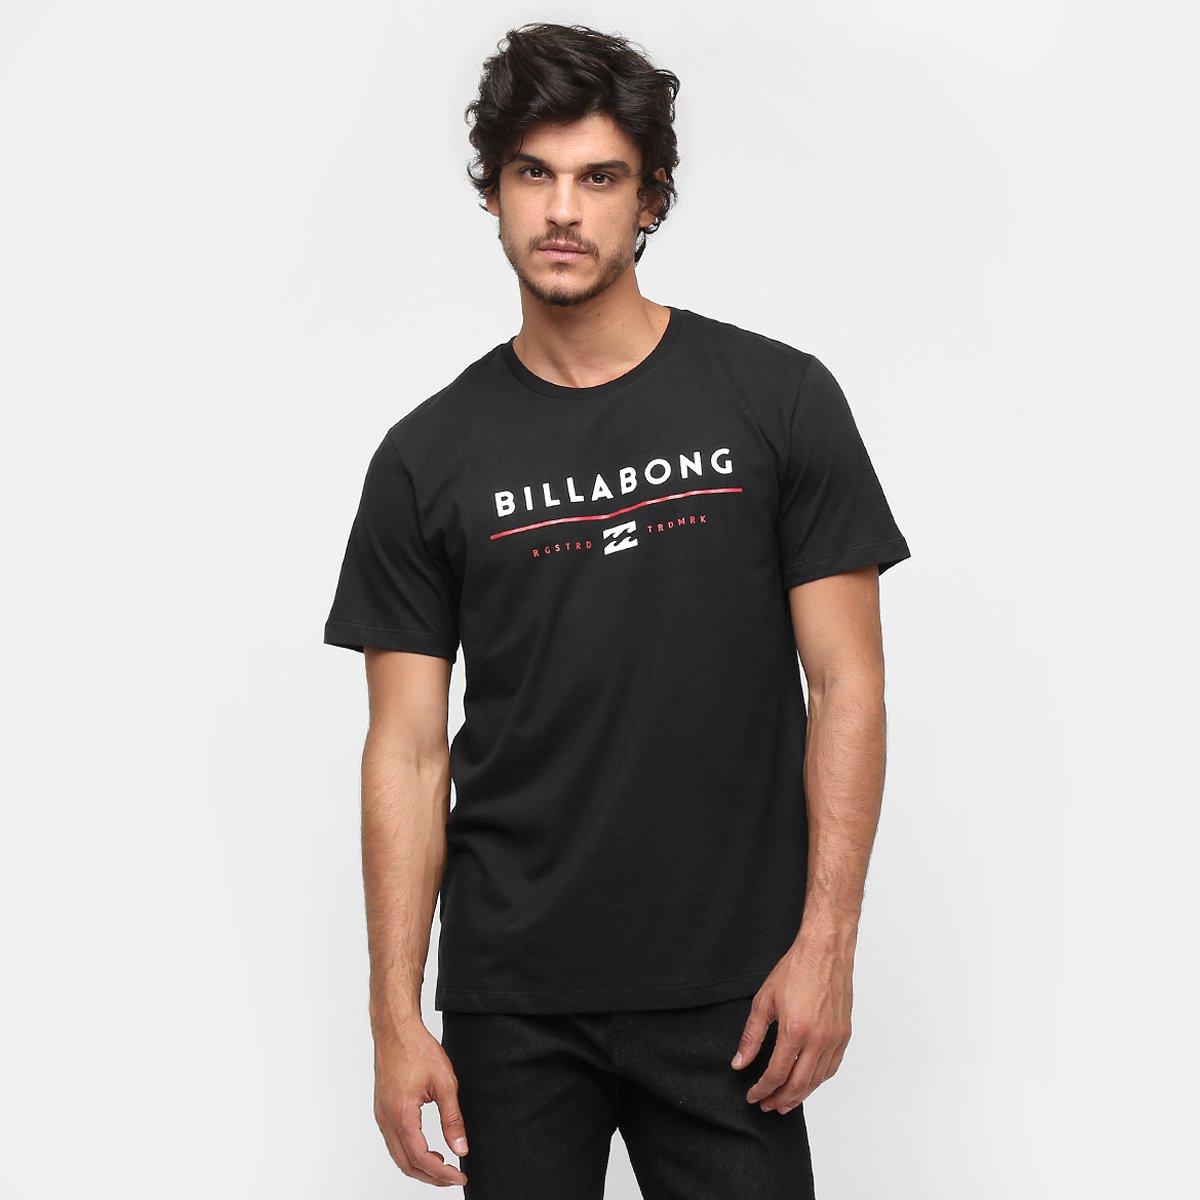 Camiseta Billabong Stacker - Compre Agora  80a80a6a26c